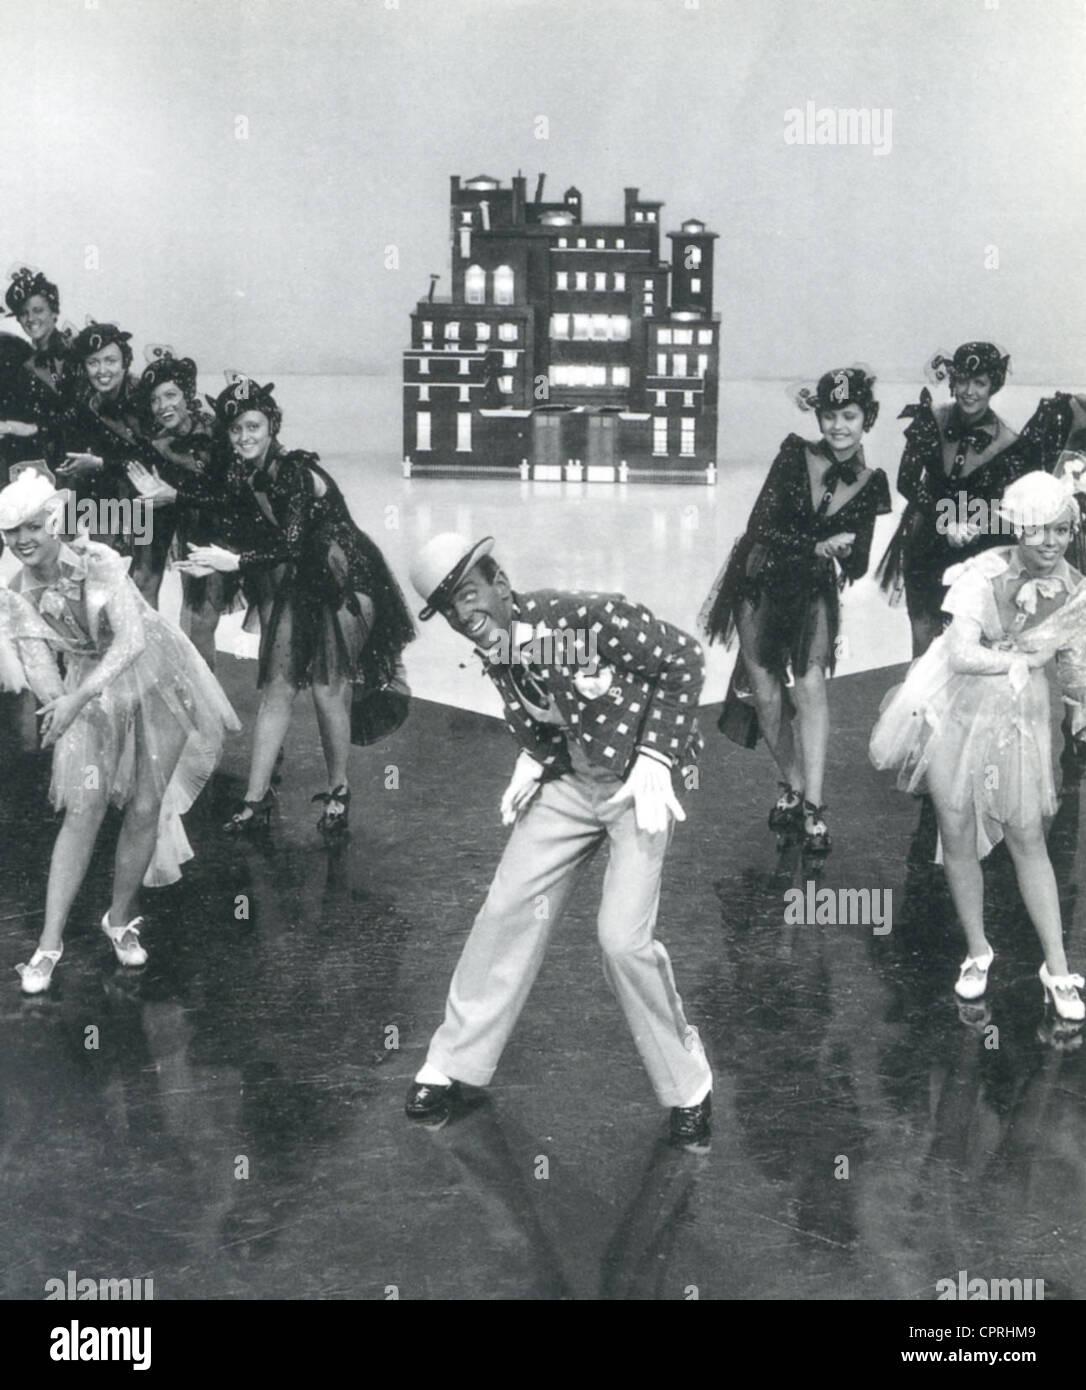 """Tiempo de giro de 1936 RKO film con Fred Astaire en blackface para el """"Bojangles de Harlem' número Imagen De Stock"""